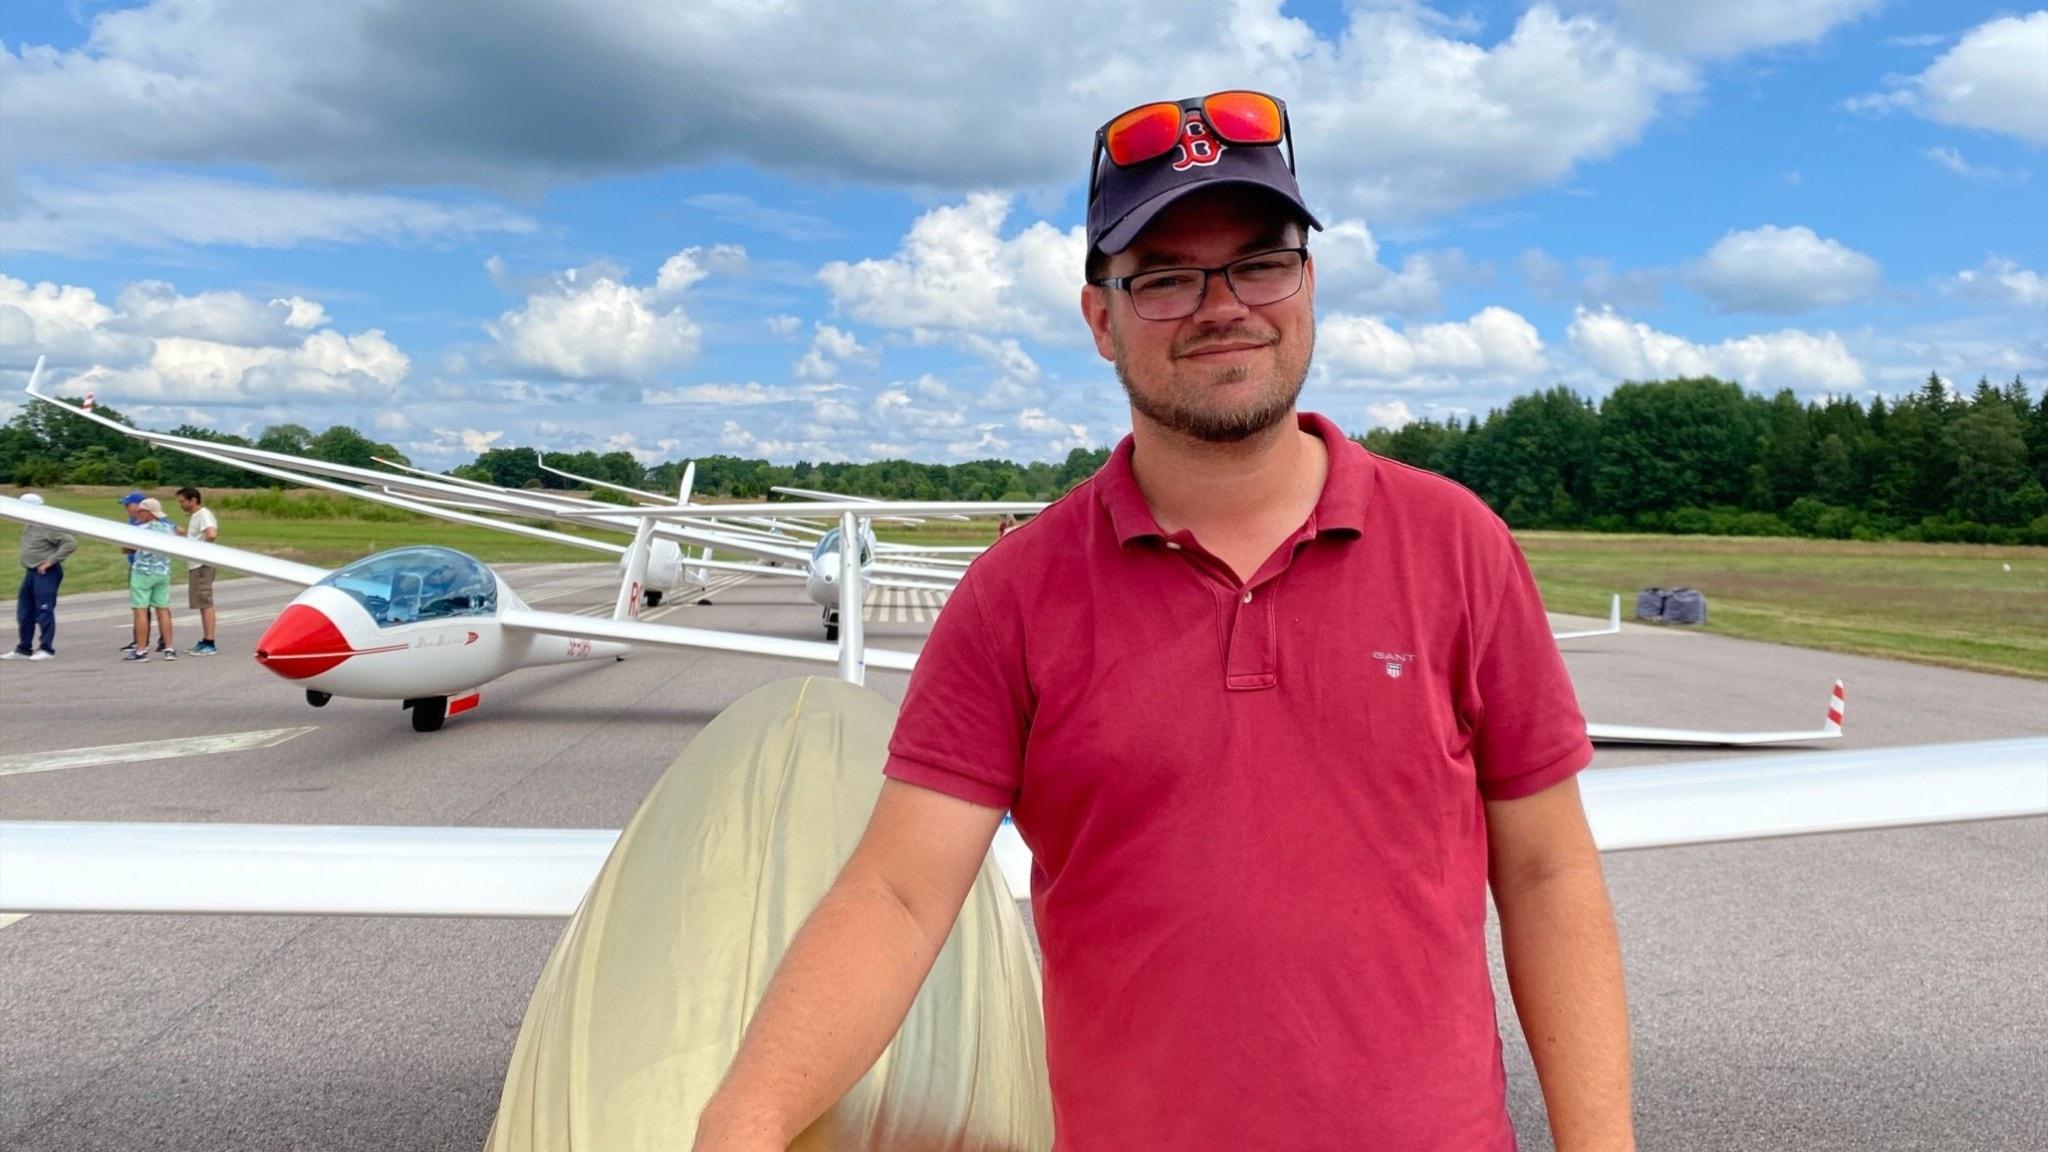 SM i segelflyg hålls i Feringe flygplats